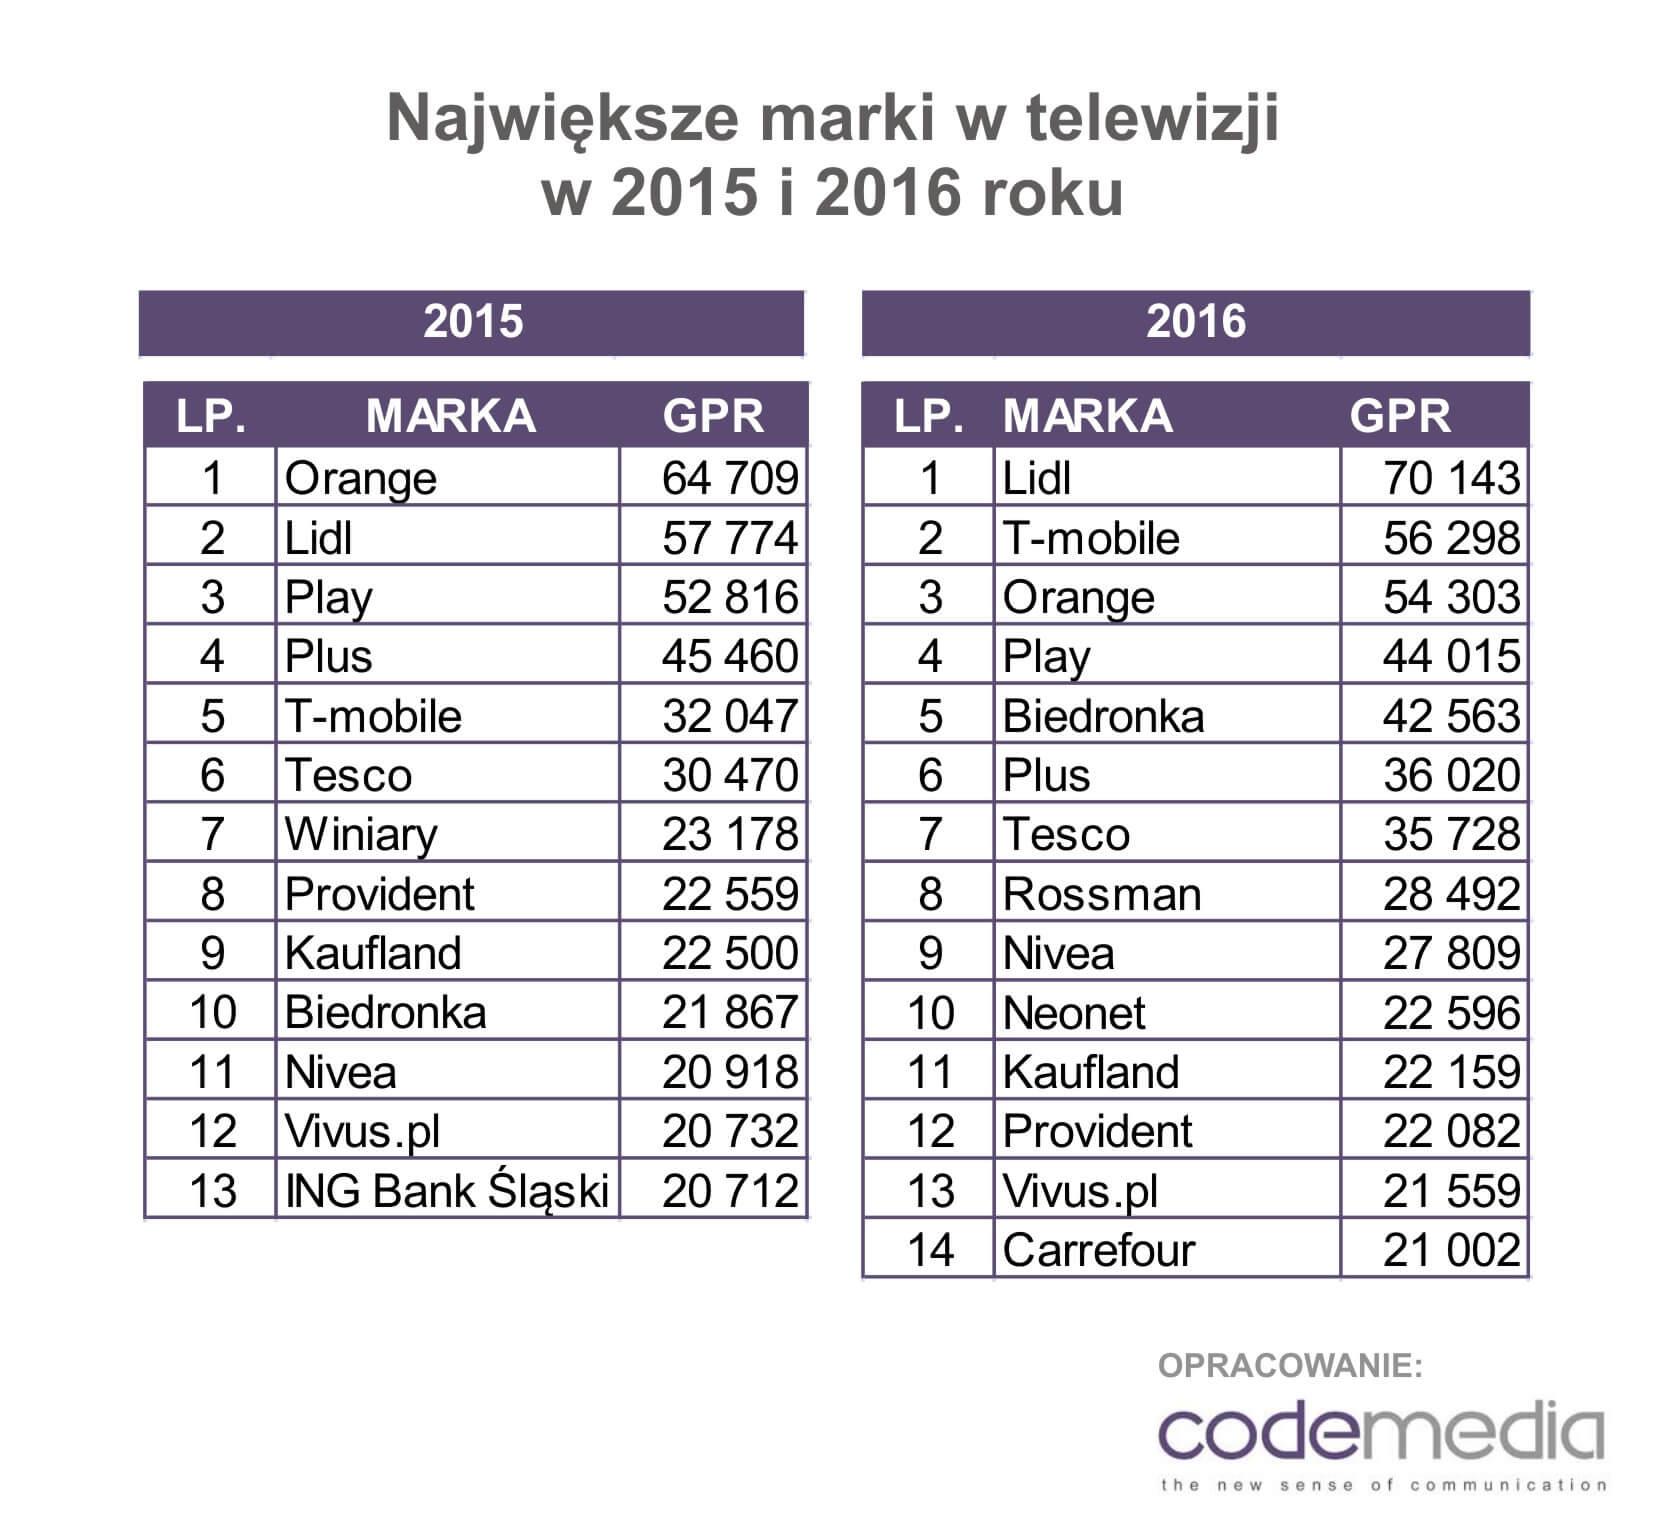 Codemedia największe marki w TV 2016